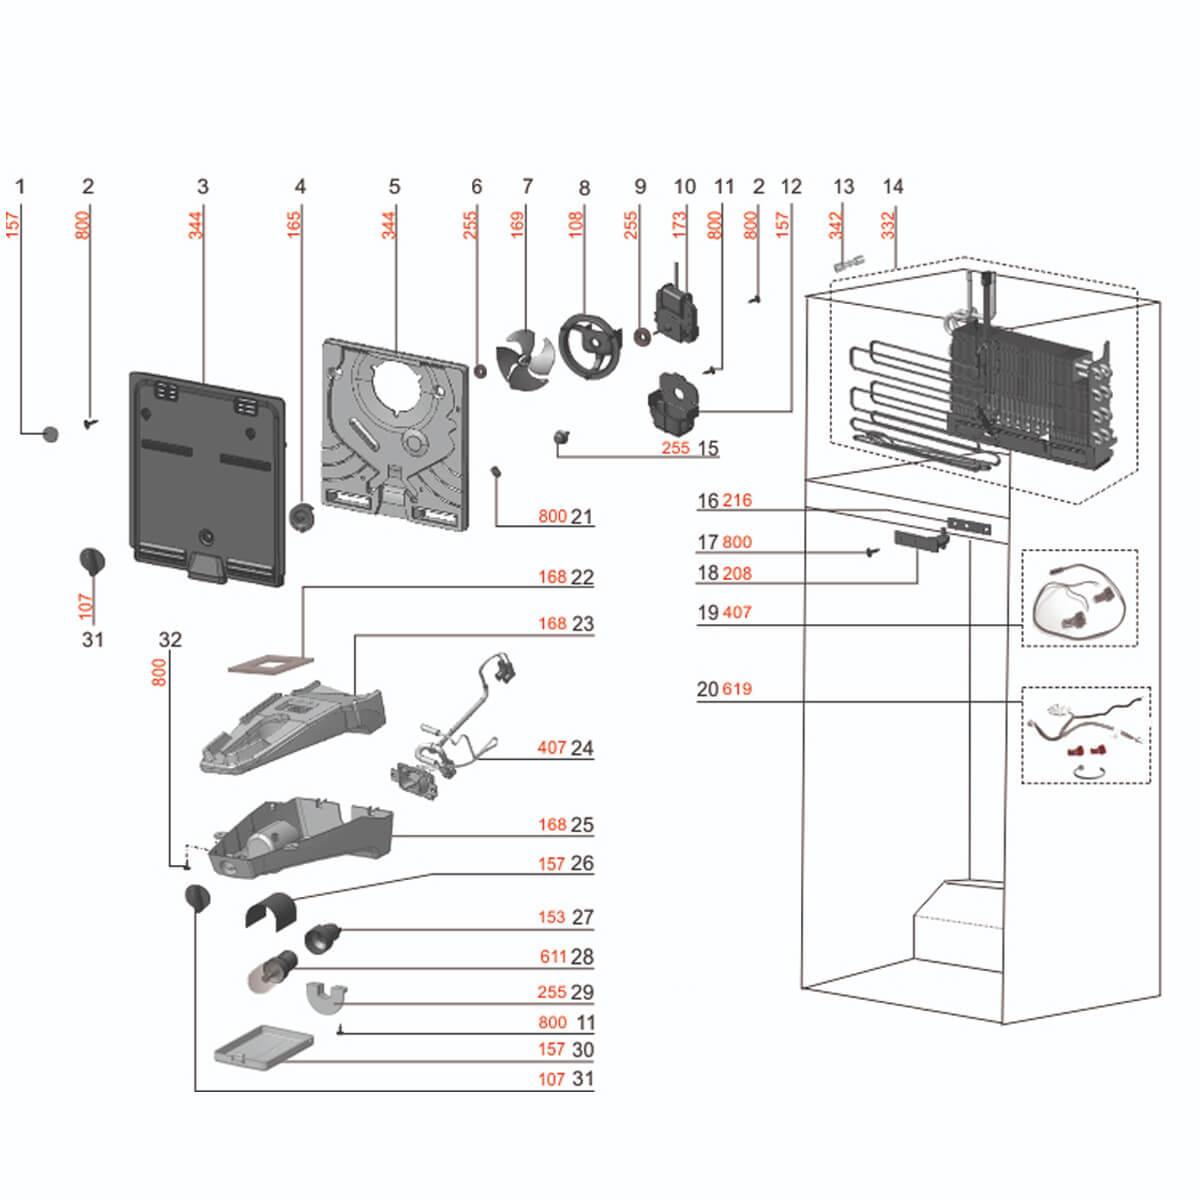 Dobradiça Intermediária Refrigerador Electrolux Df35 Df36 Df38 - 65158599